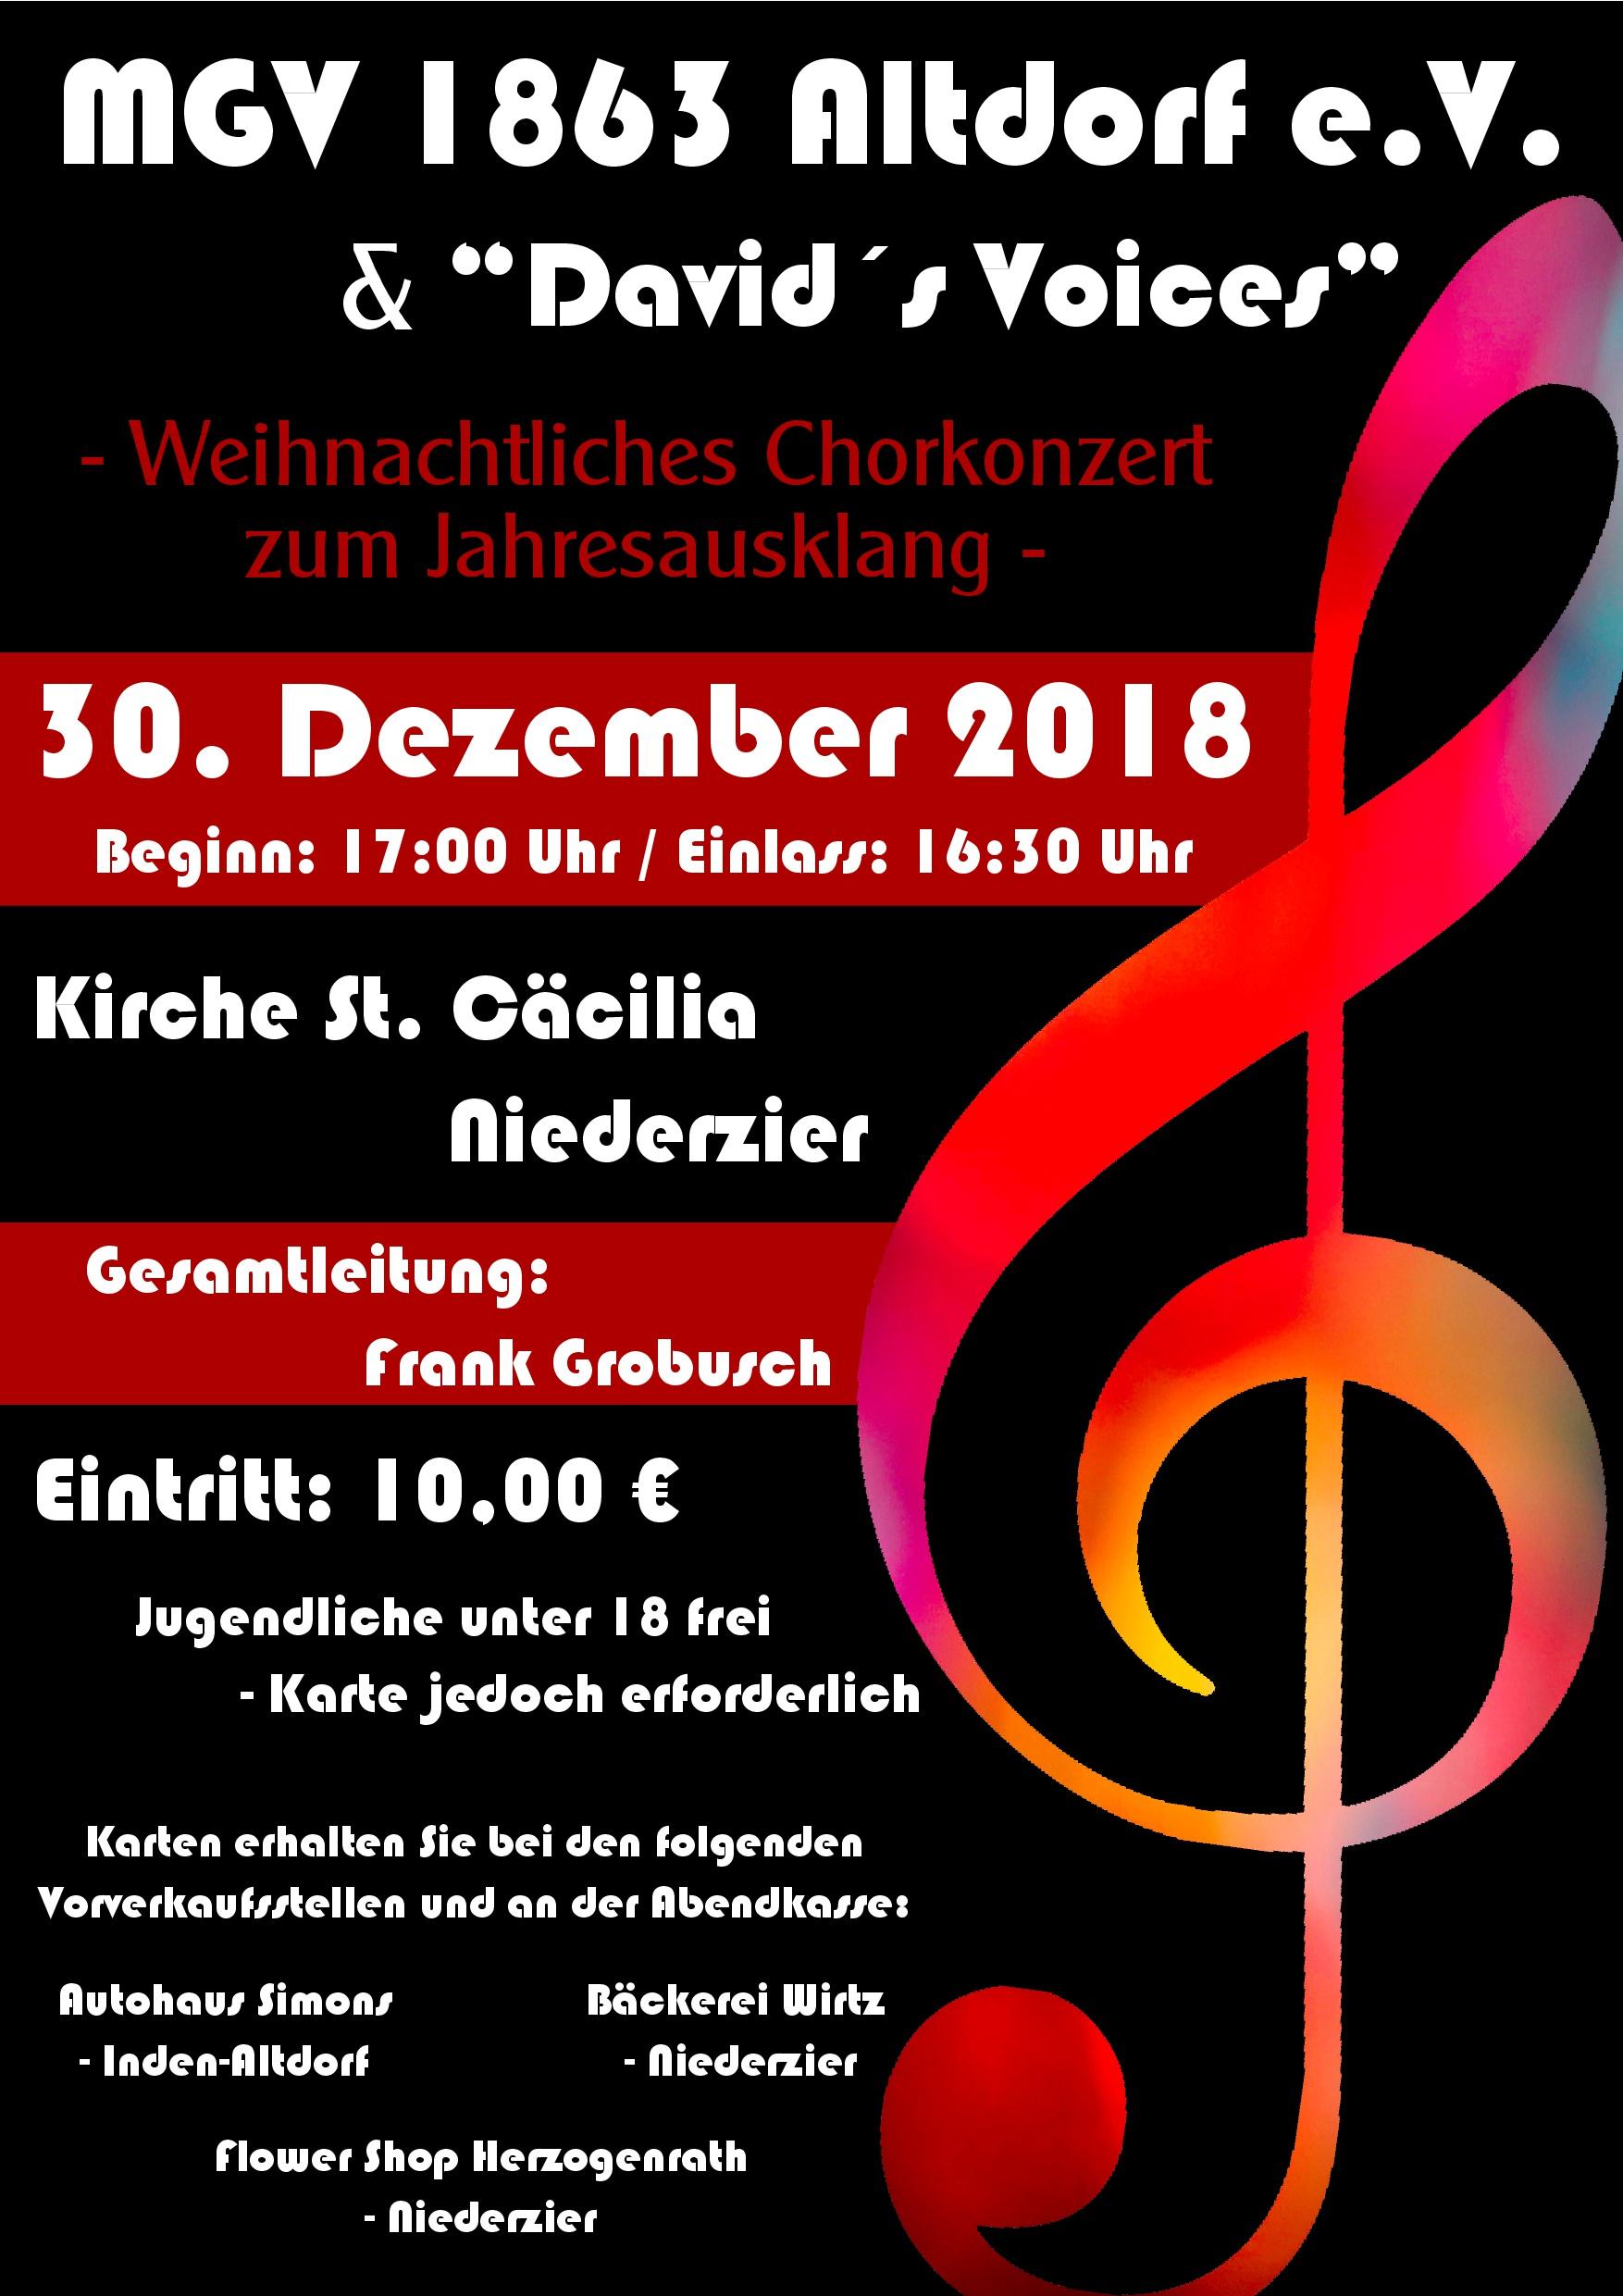 Weihnachtliches Chorkonzert zum Jahresausklang in St. Cäcilia Niederzier